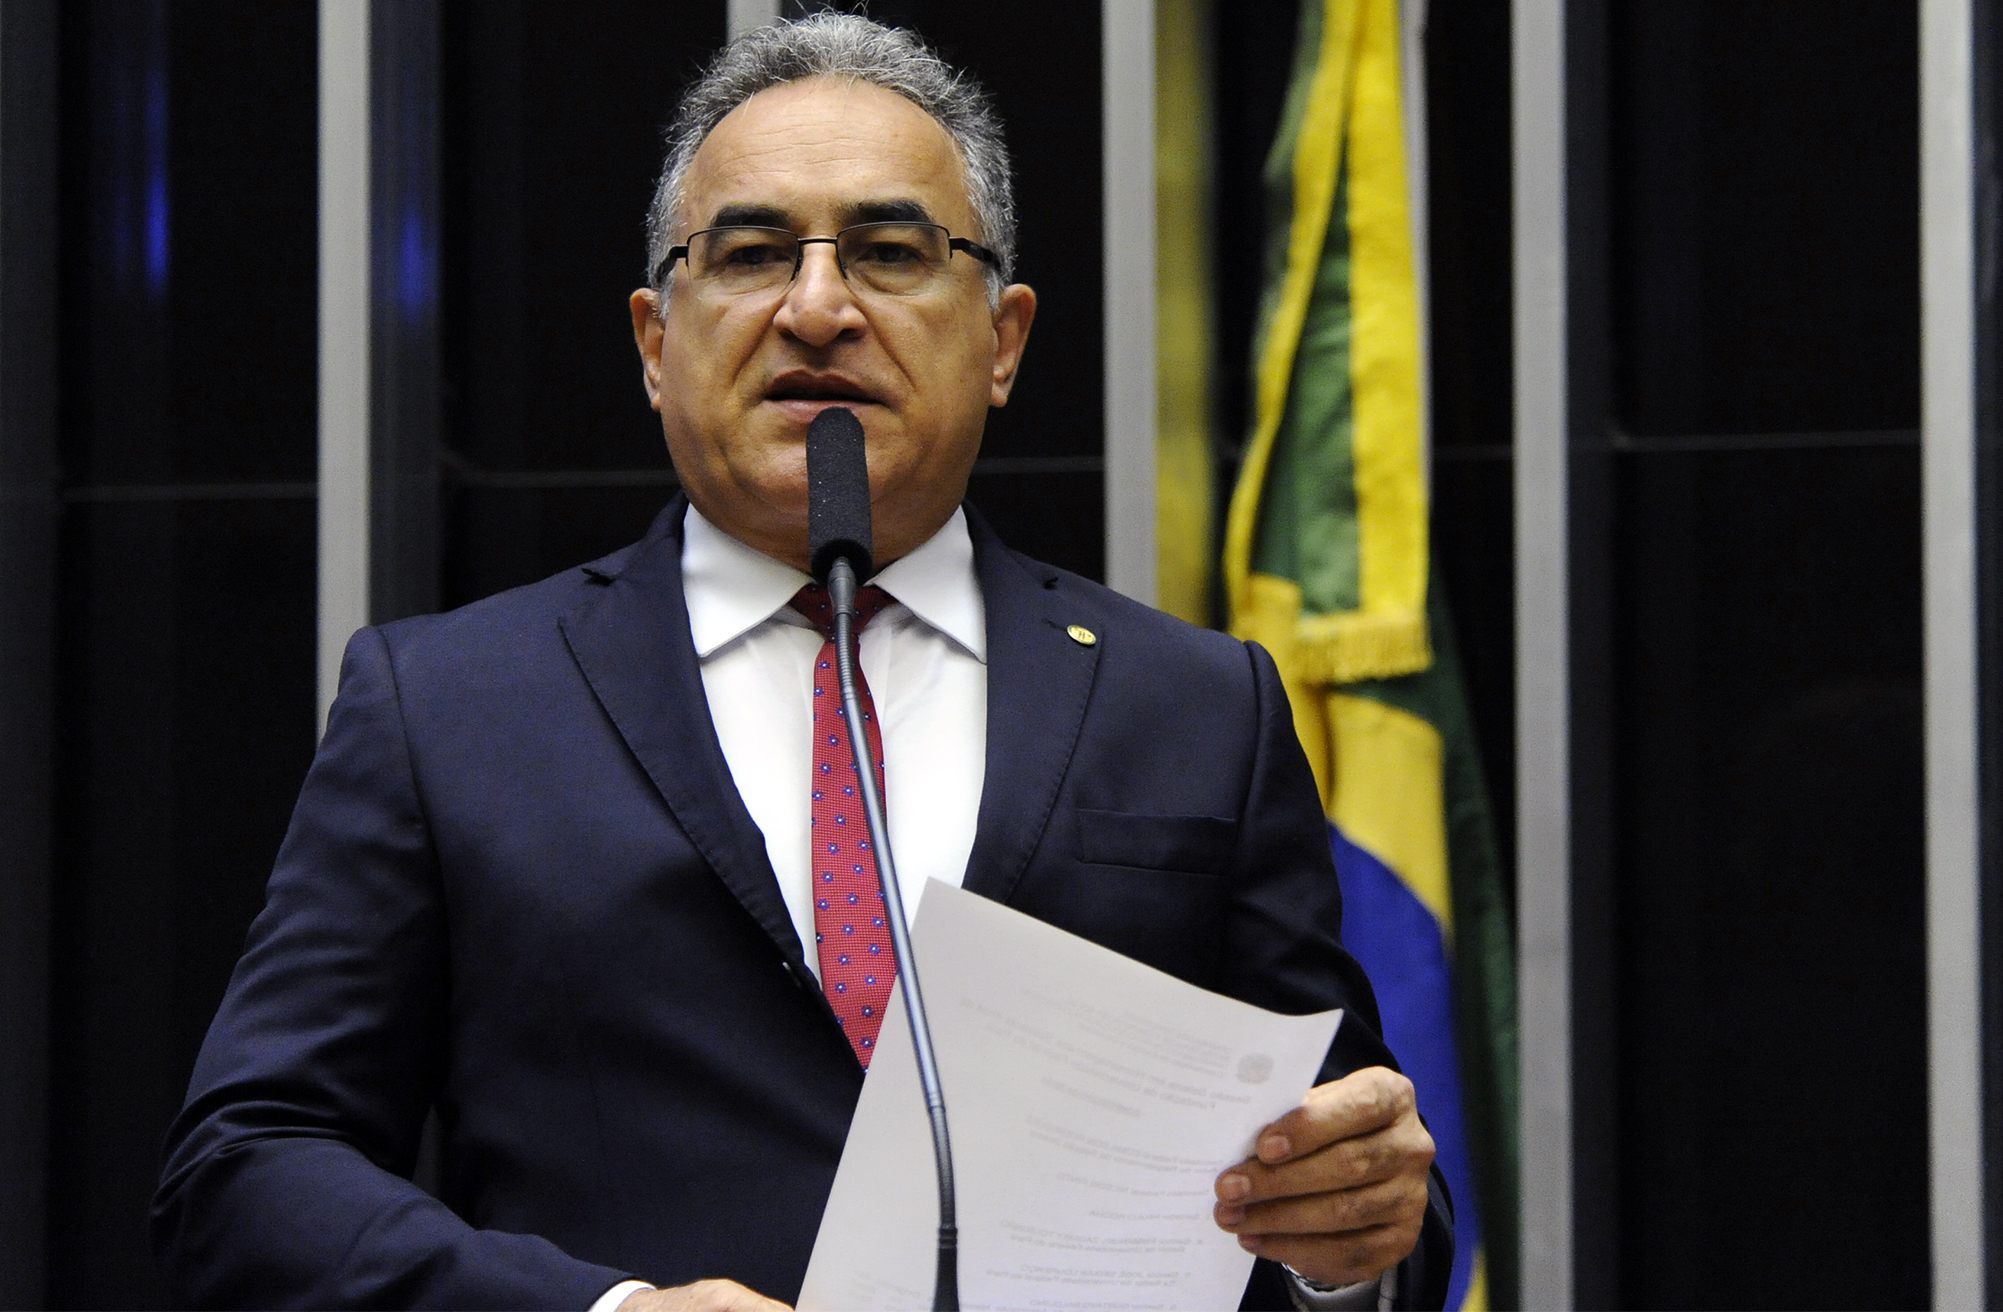 Homenagem aos Sessenta Anos de Fundação da Universidade Federal do Pará (UFPA). Dep. Edmilson Rodrigues (PSOL - PA)